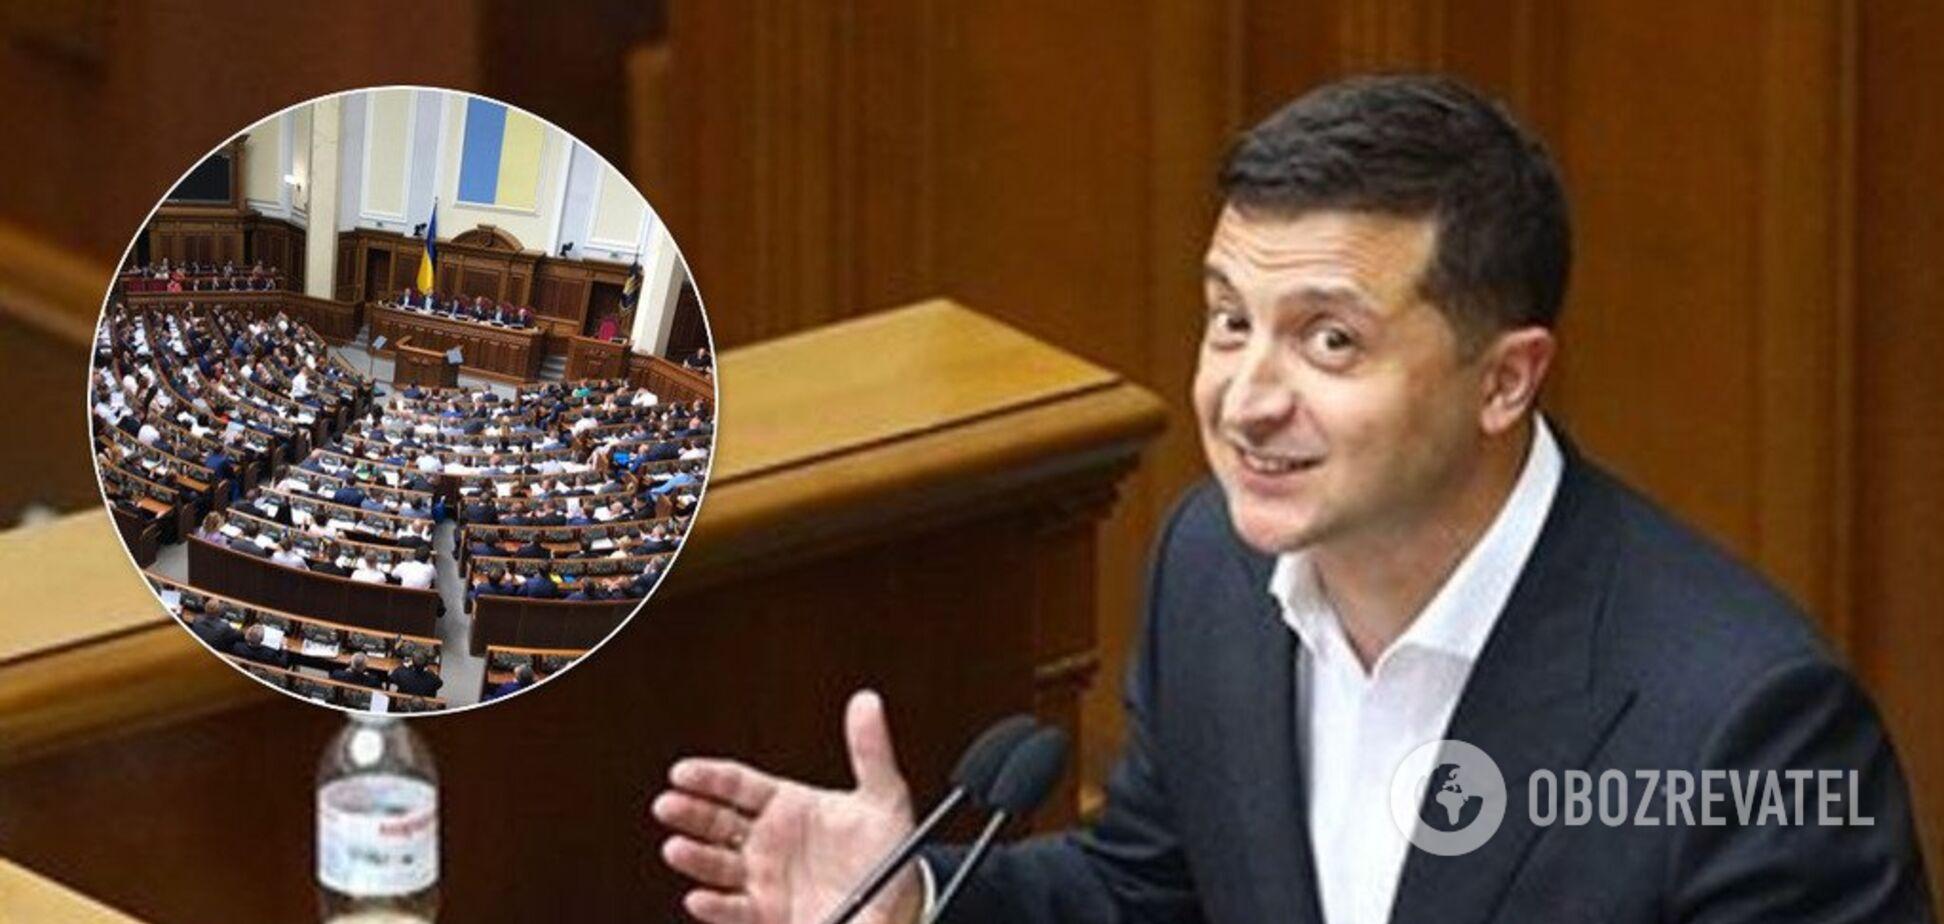 Зеленський запропонував наділити Раду новими правами: нардепи підтримали